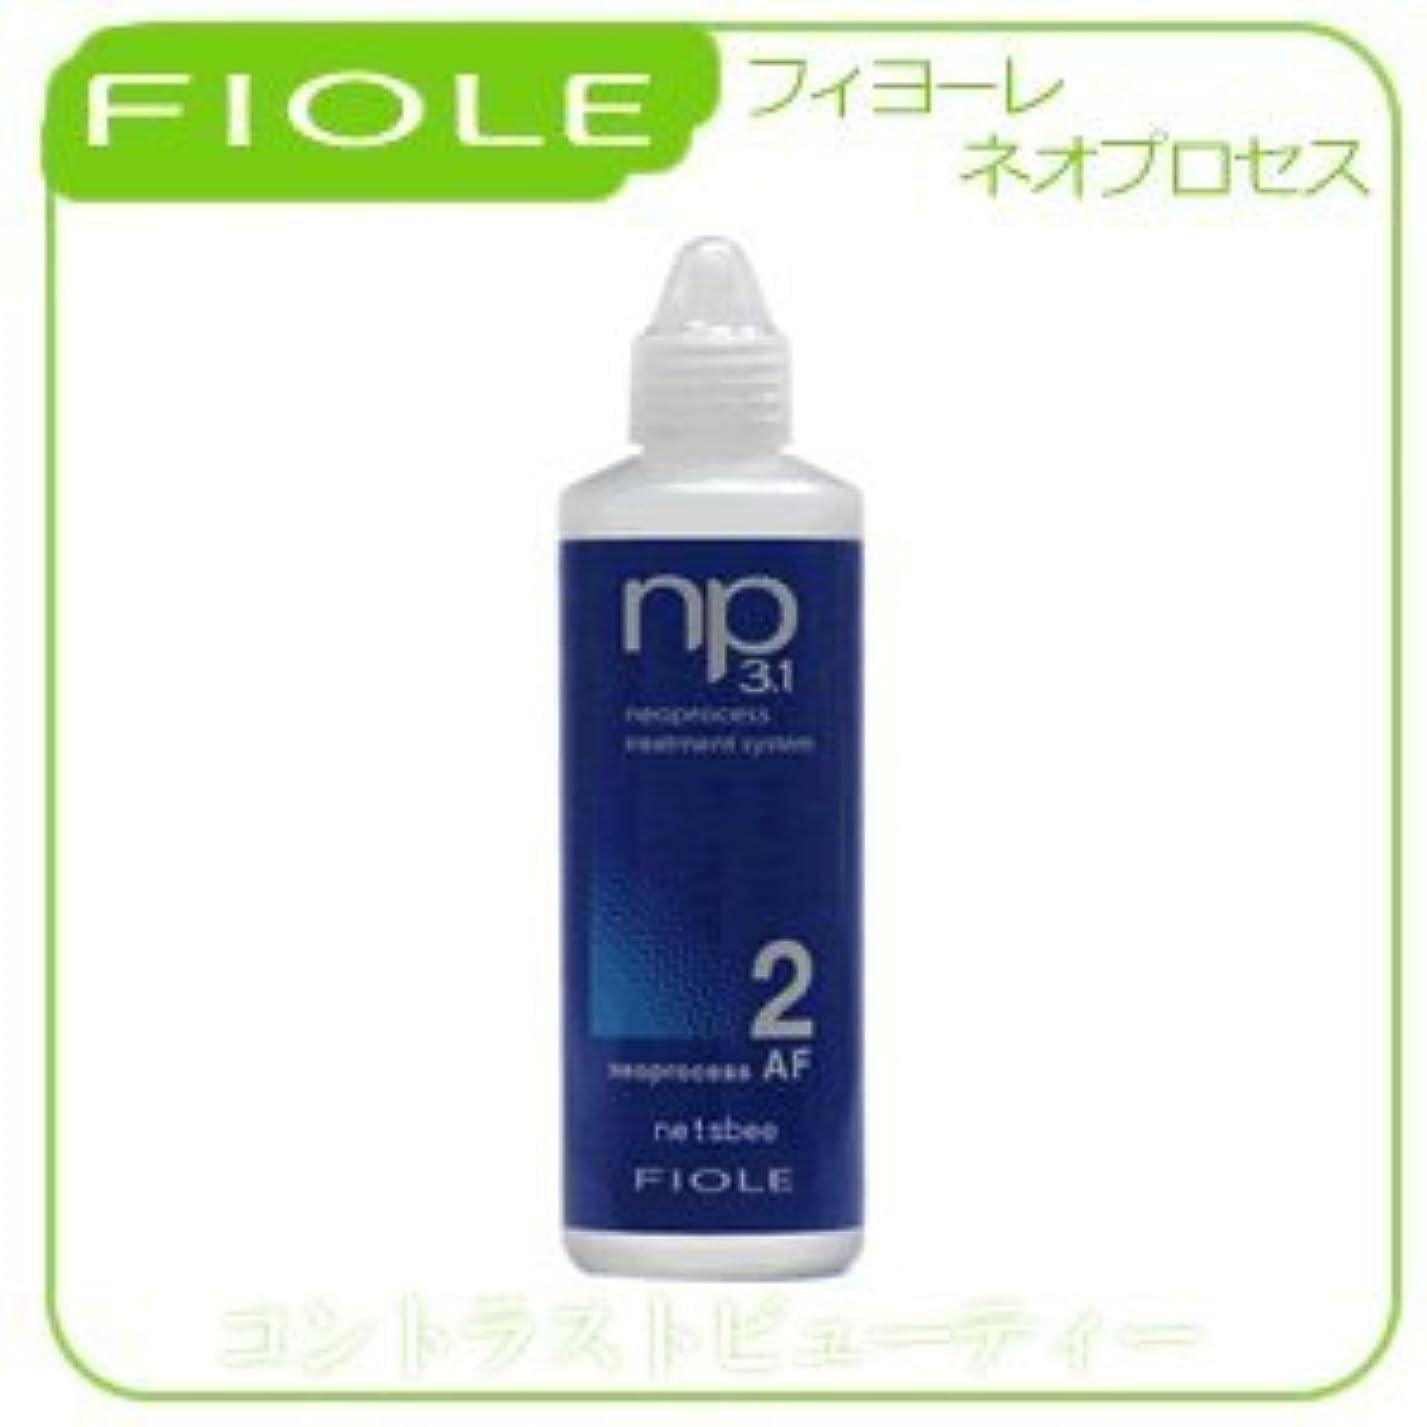 計り知れないリーフレット汚染する【X3個セット】 フィヨーレ NP3.1 ネオプロセス AF2 130ml FIOLE ネオプロセス